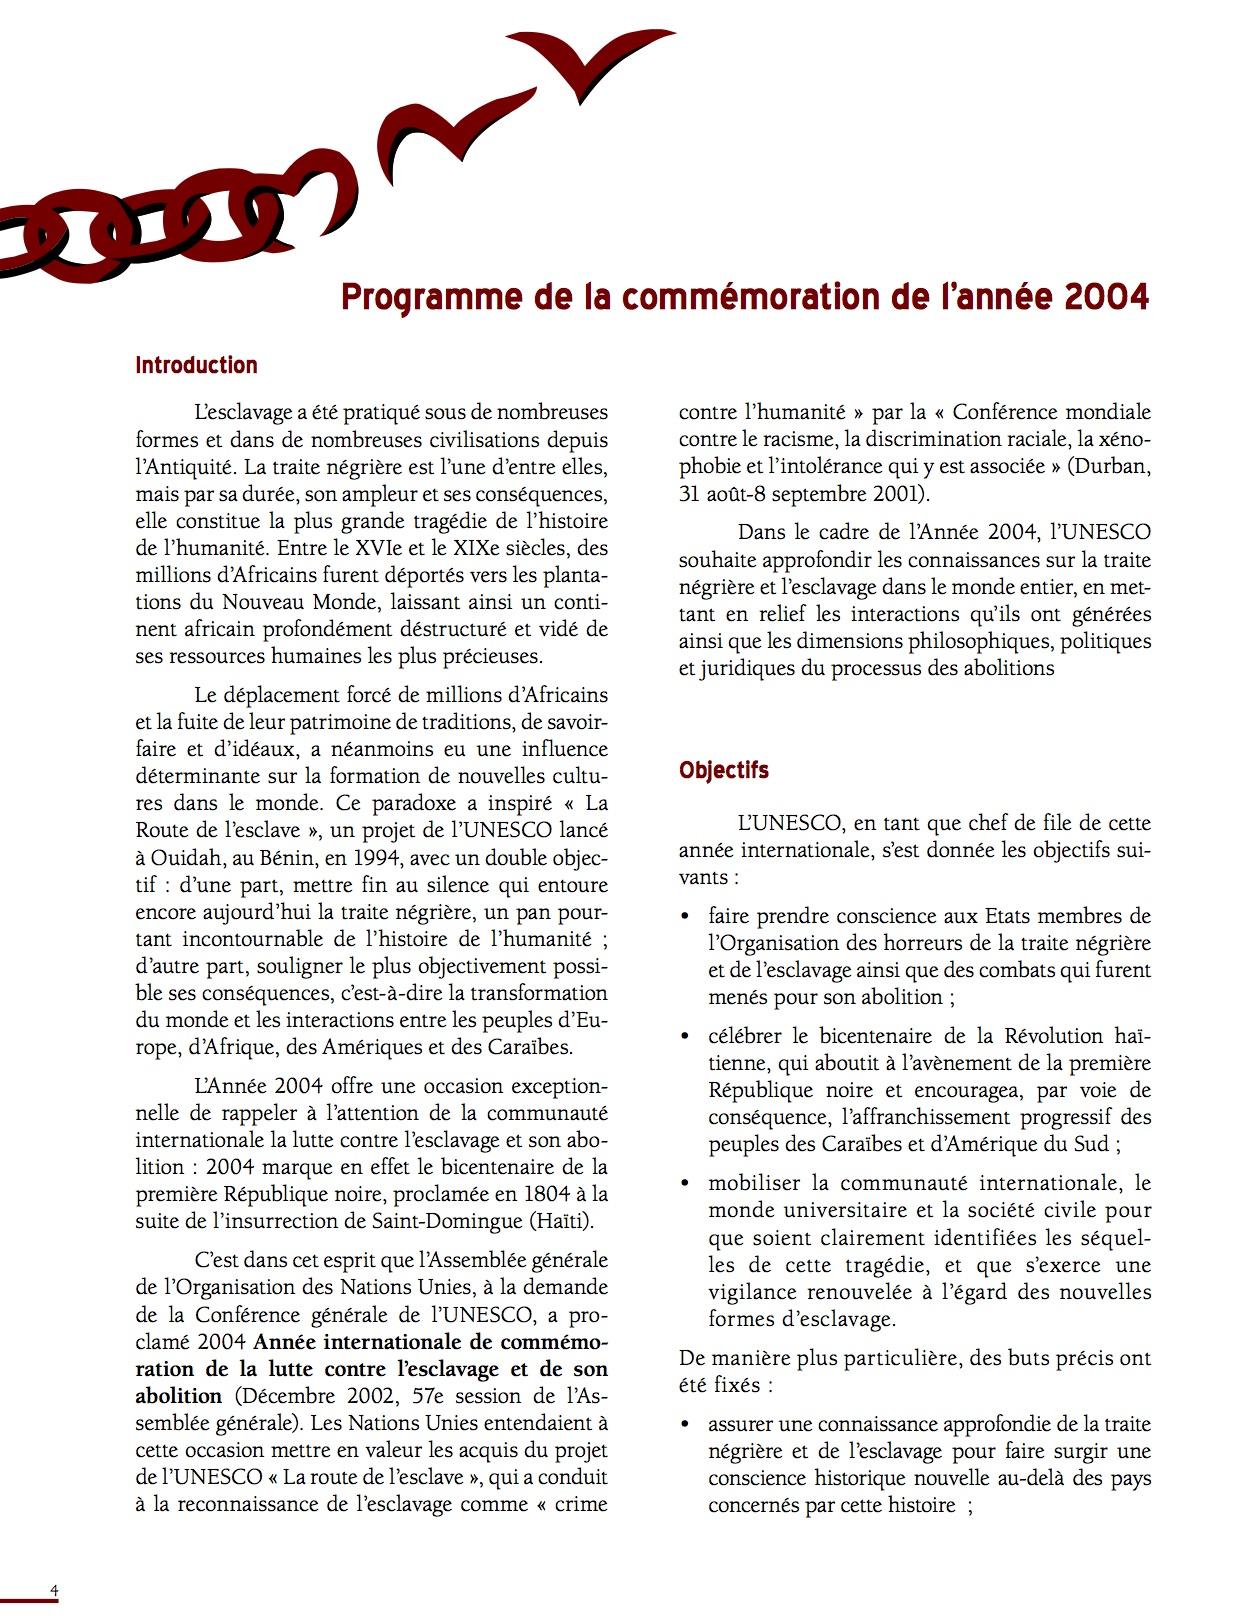 Unesco Luttes contre l'esclavage-4